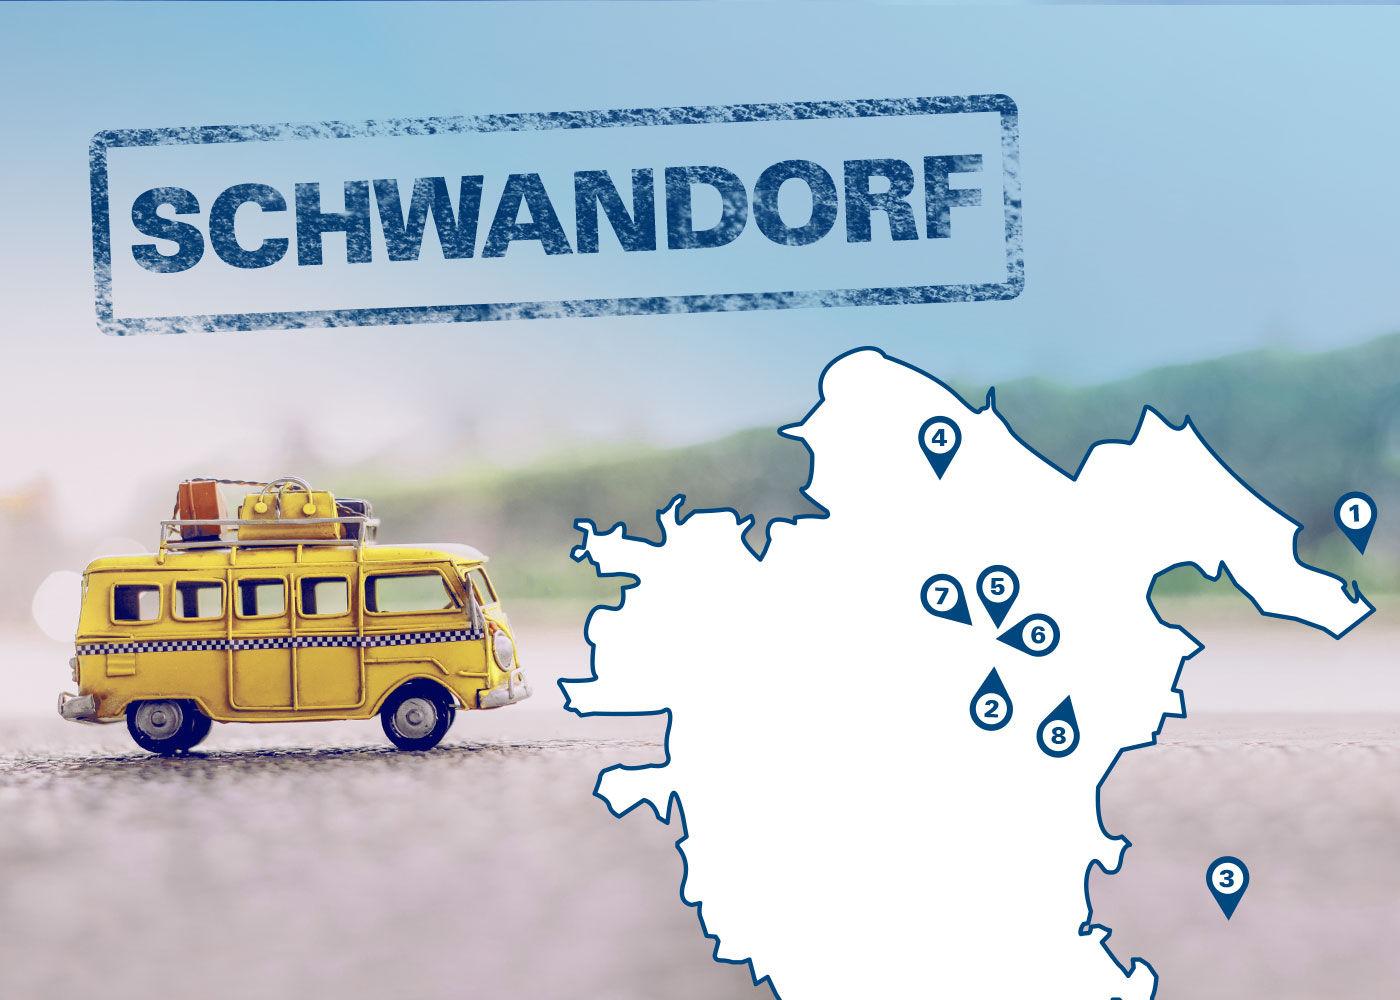 [Schwandorf (Oberpfalz)] Heute kostenlos: Tanken (bis 9 Uhr), Erlebnisbad, Minigolf, StandUp-Paddling, Windsurfen, Kino, Bootsverleih, Stadtführung, Felsenkeller